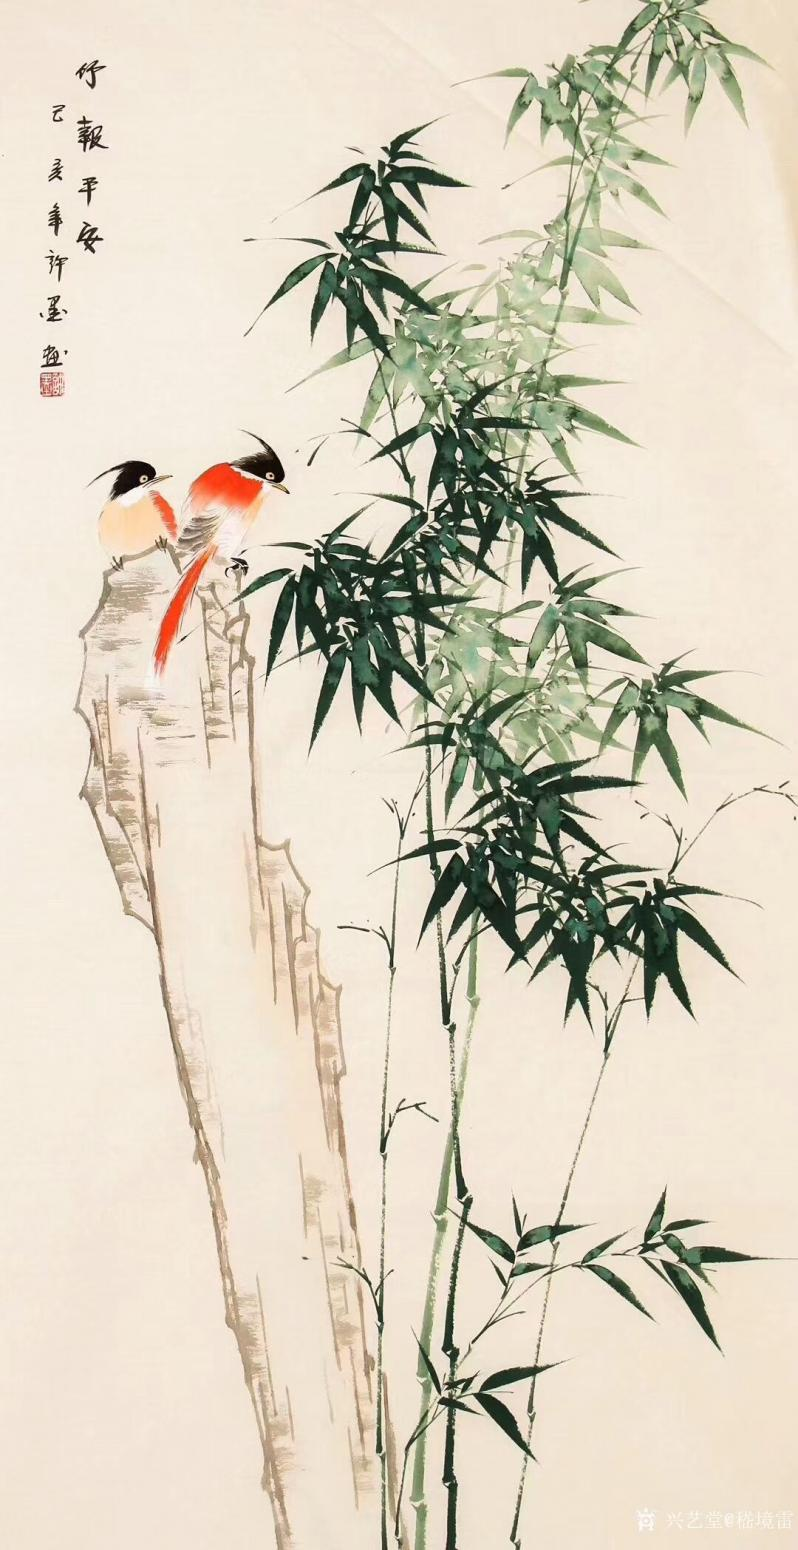 嵇境雷国画作品《竹报平安-作者许墨》【图0】